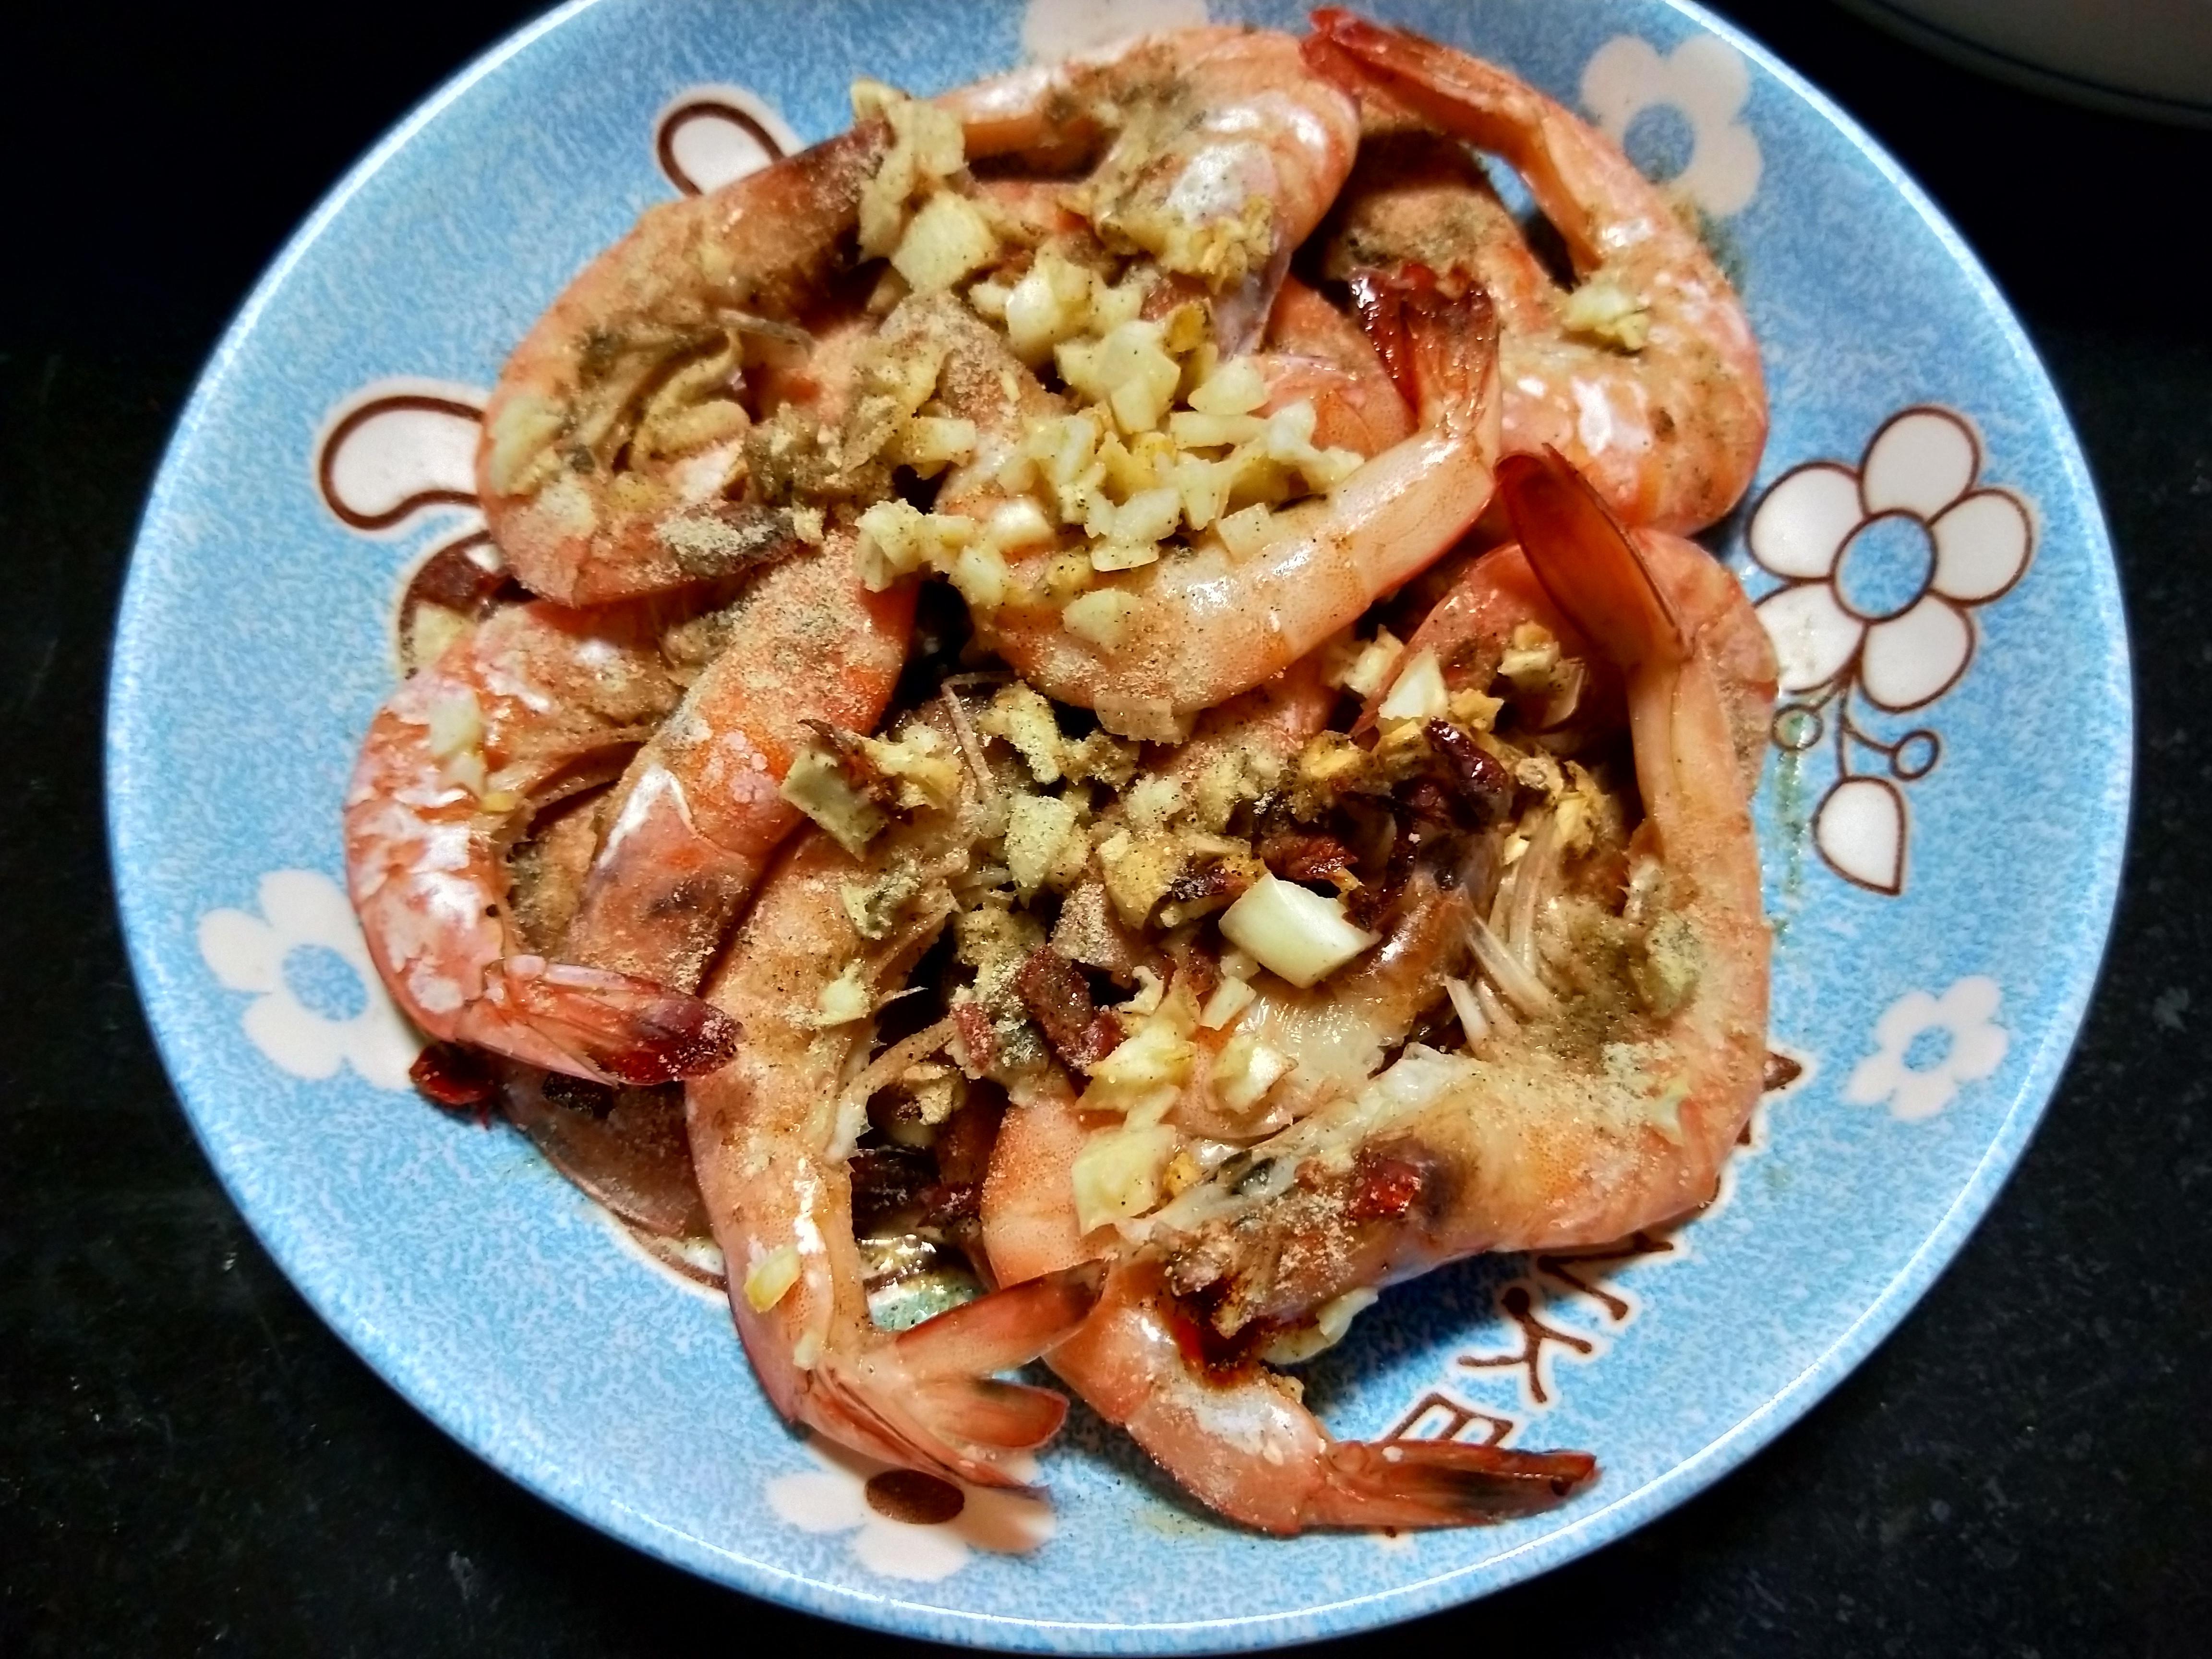 氣炸出美食-蒜頭胡椒蝦